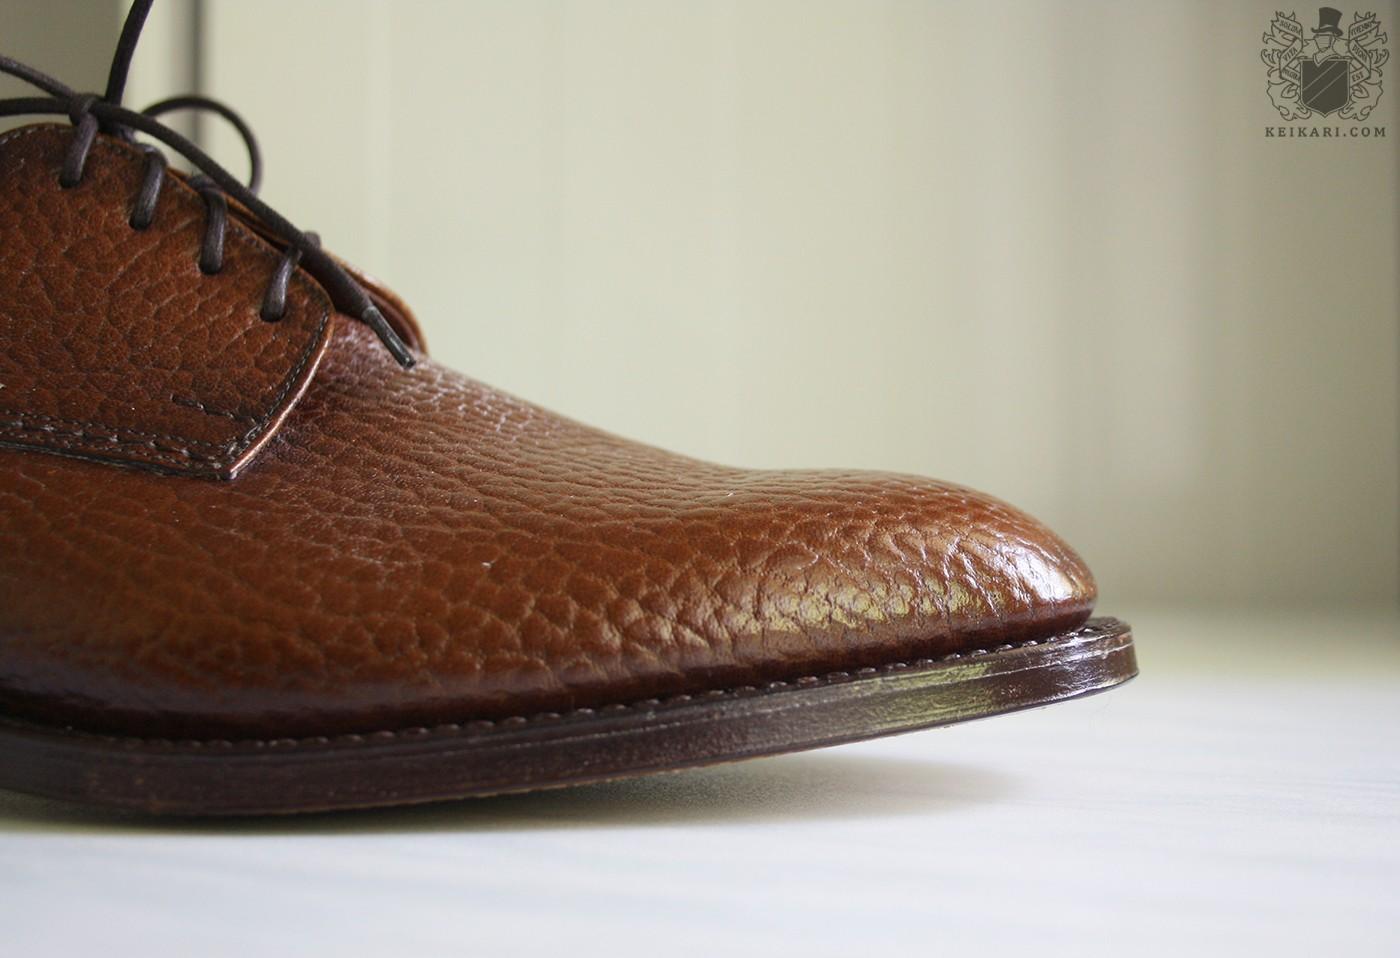 Vintage_Saxone_camel_skin_shoes_at_Keikari_dot_com10.jpg